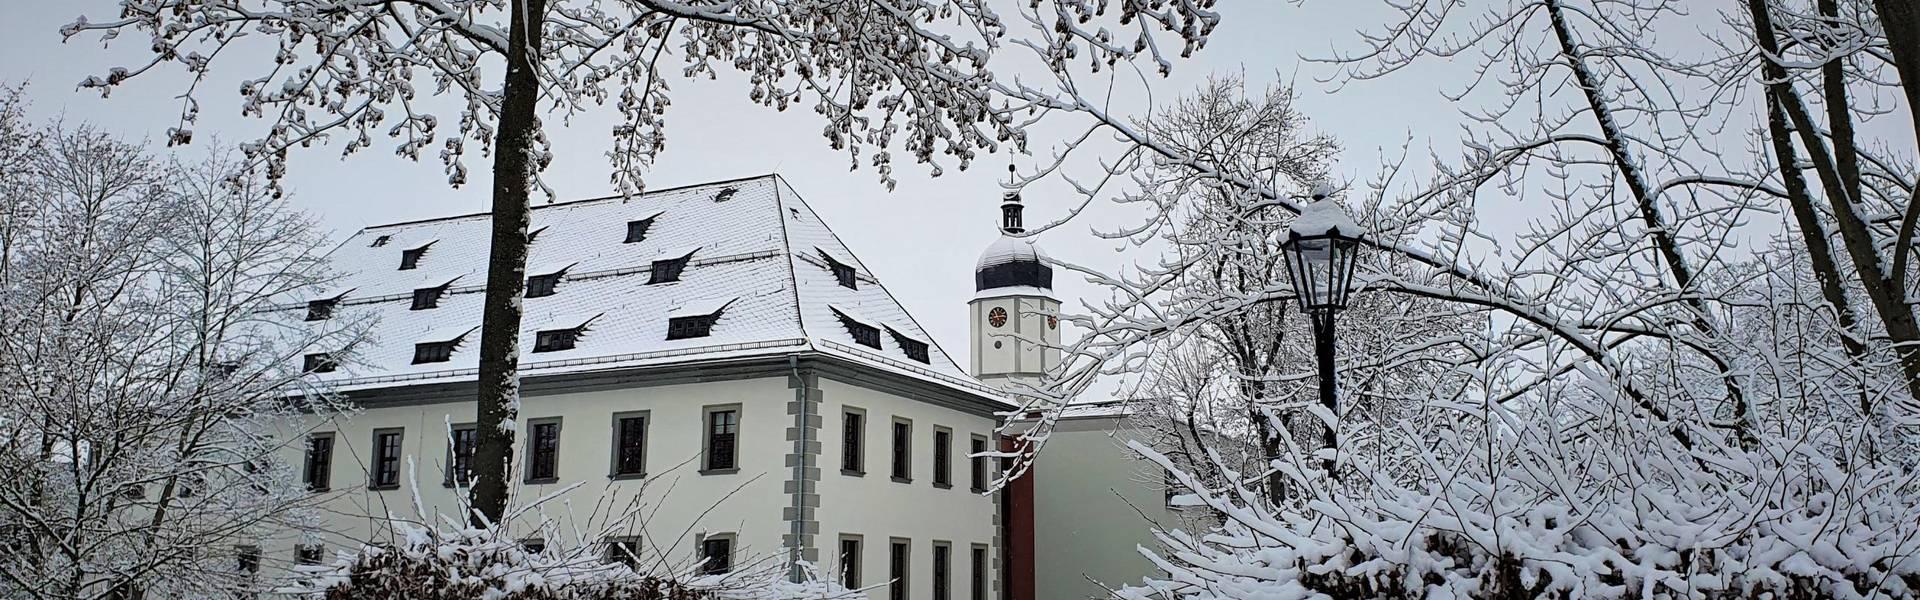 Schneebedecktes Schloss und Schlosspark in Neustadt an der Orla ©Landratsamt Saale-Orla-Kreis, Pressestelle